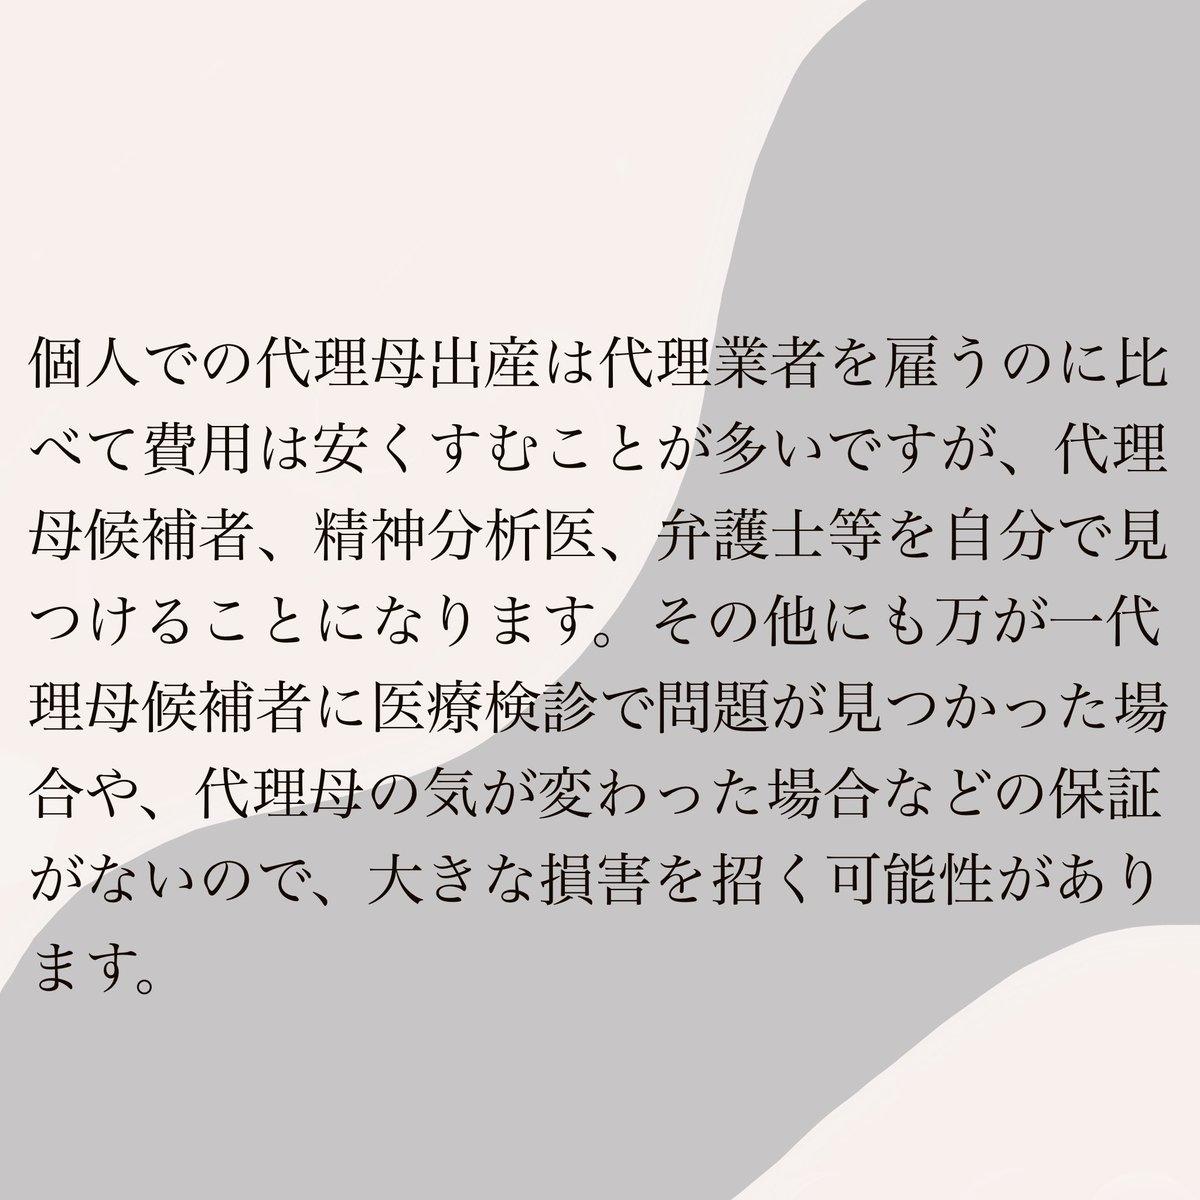 母 出産 浜崎 あゆみ 代理